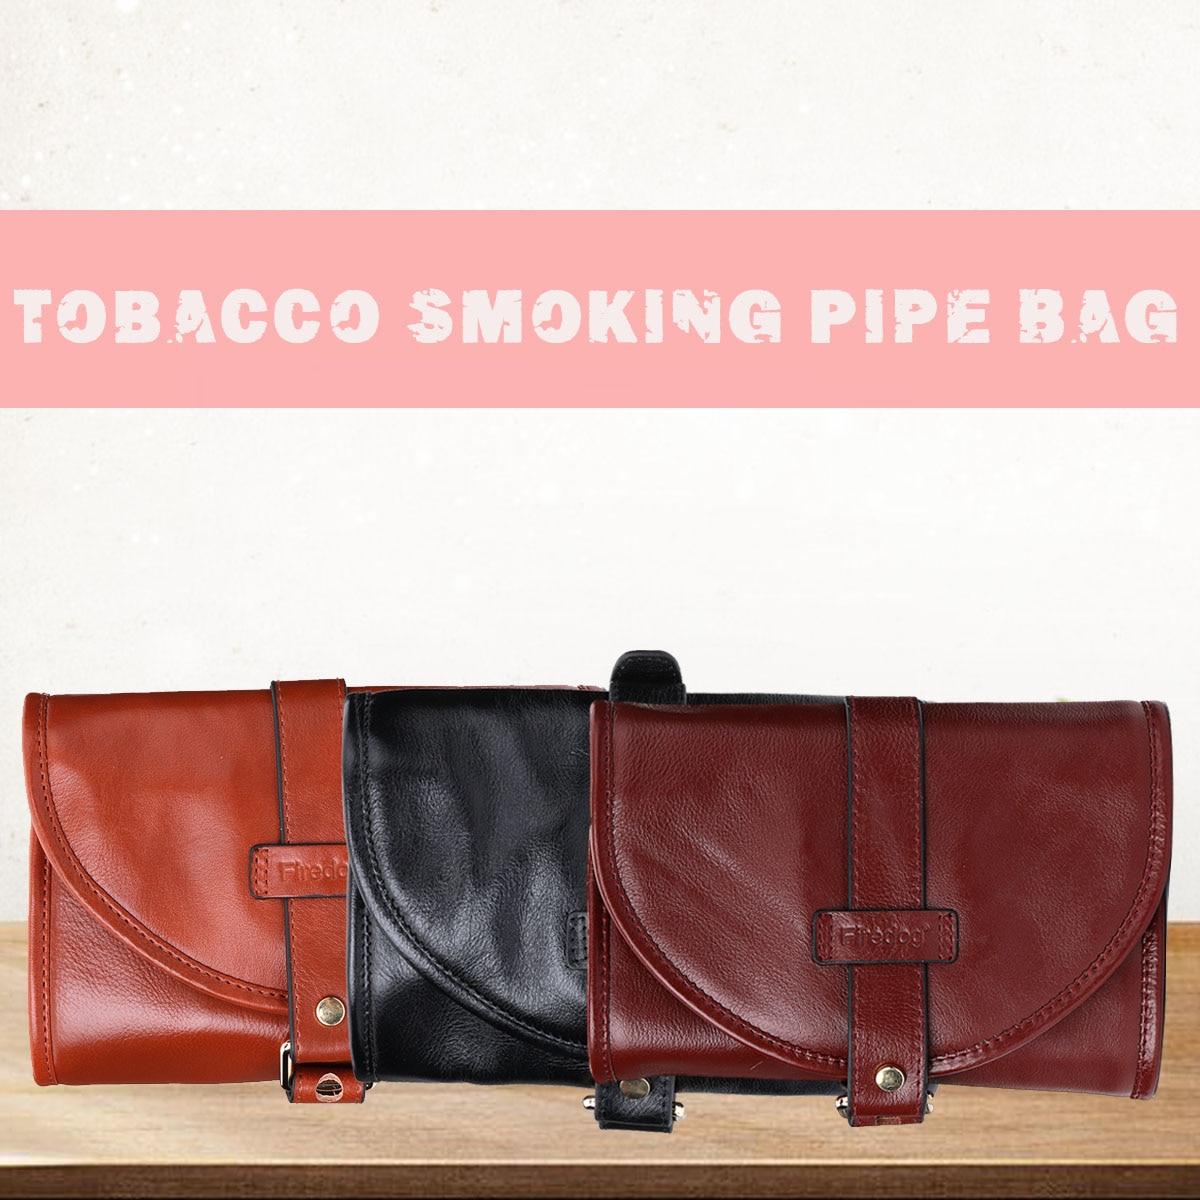 Pochette de tabac en cuir de Style Vintage FIREDOG sac de rangement portable bien cousu et durable pour 2 tuyaux de tabac